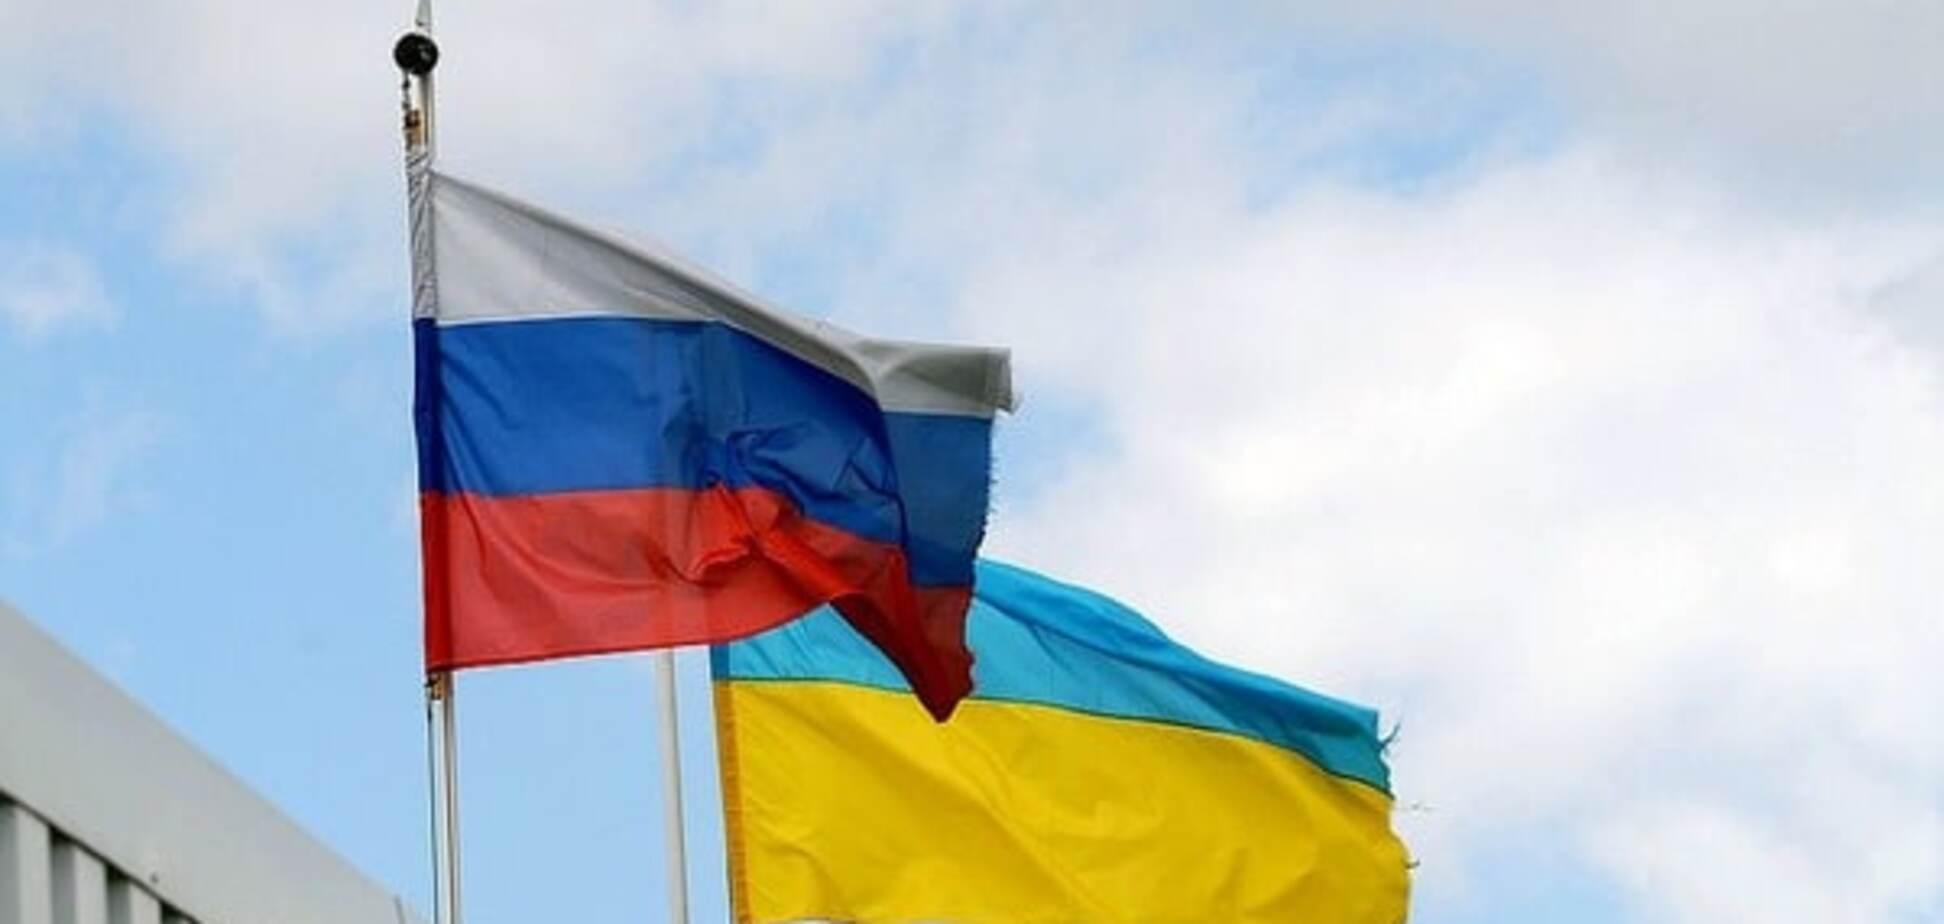 Нардеп спростувала підписання постанови про розрив дипвідносин з Росією